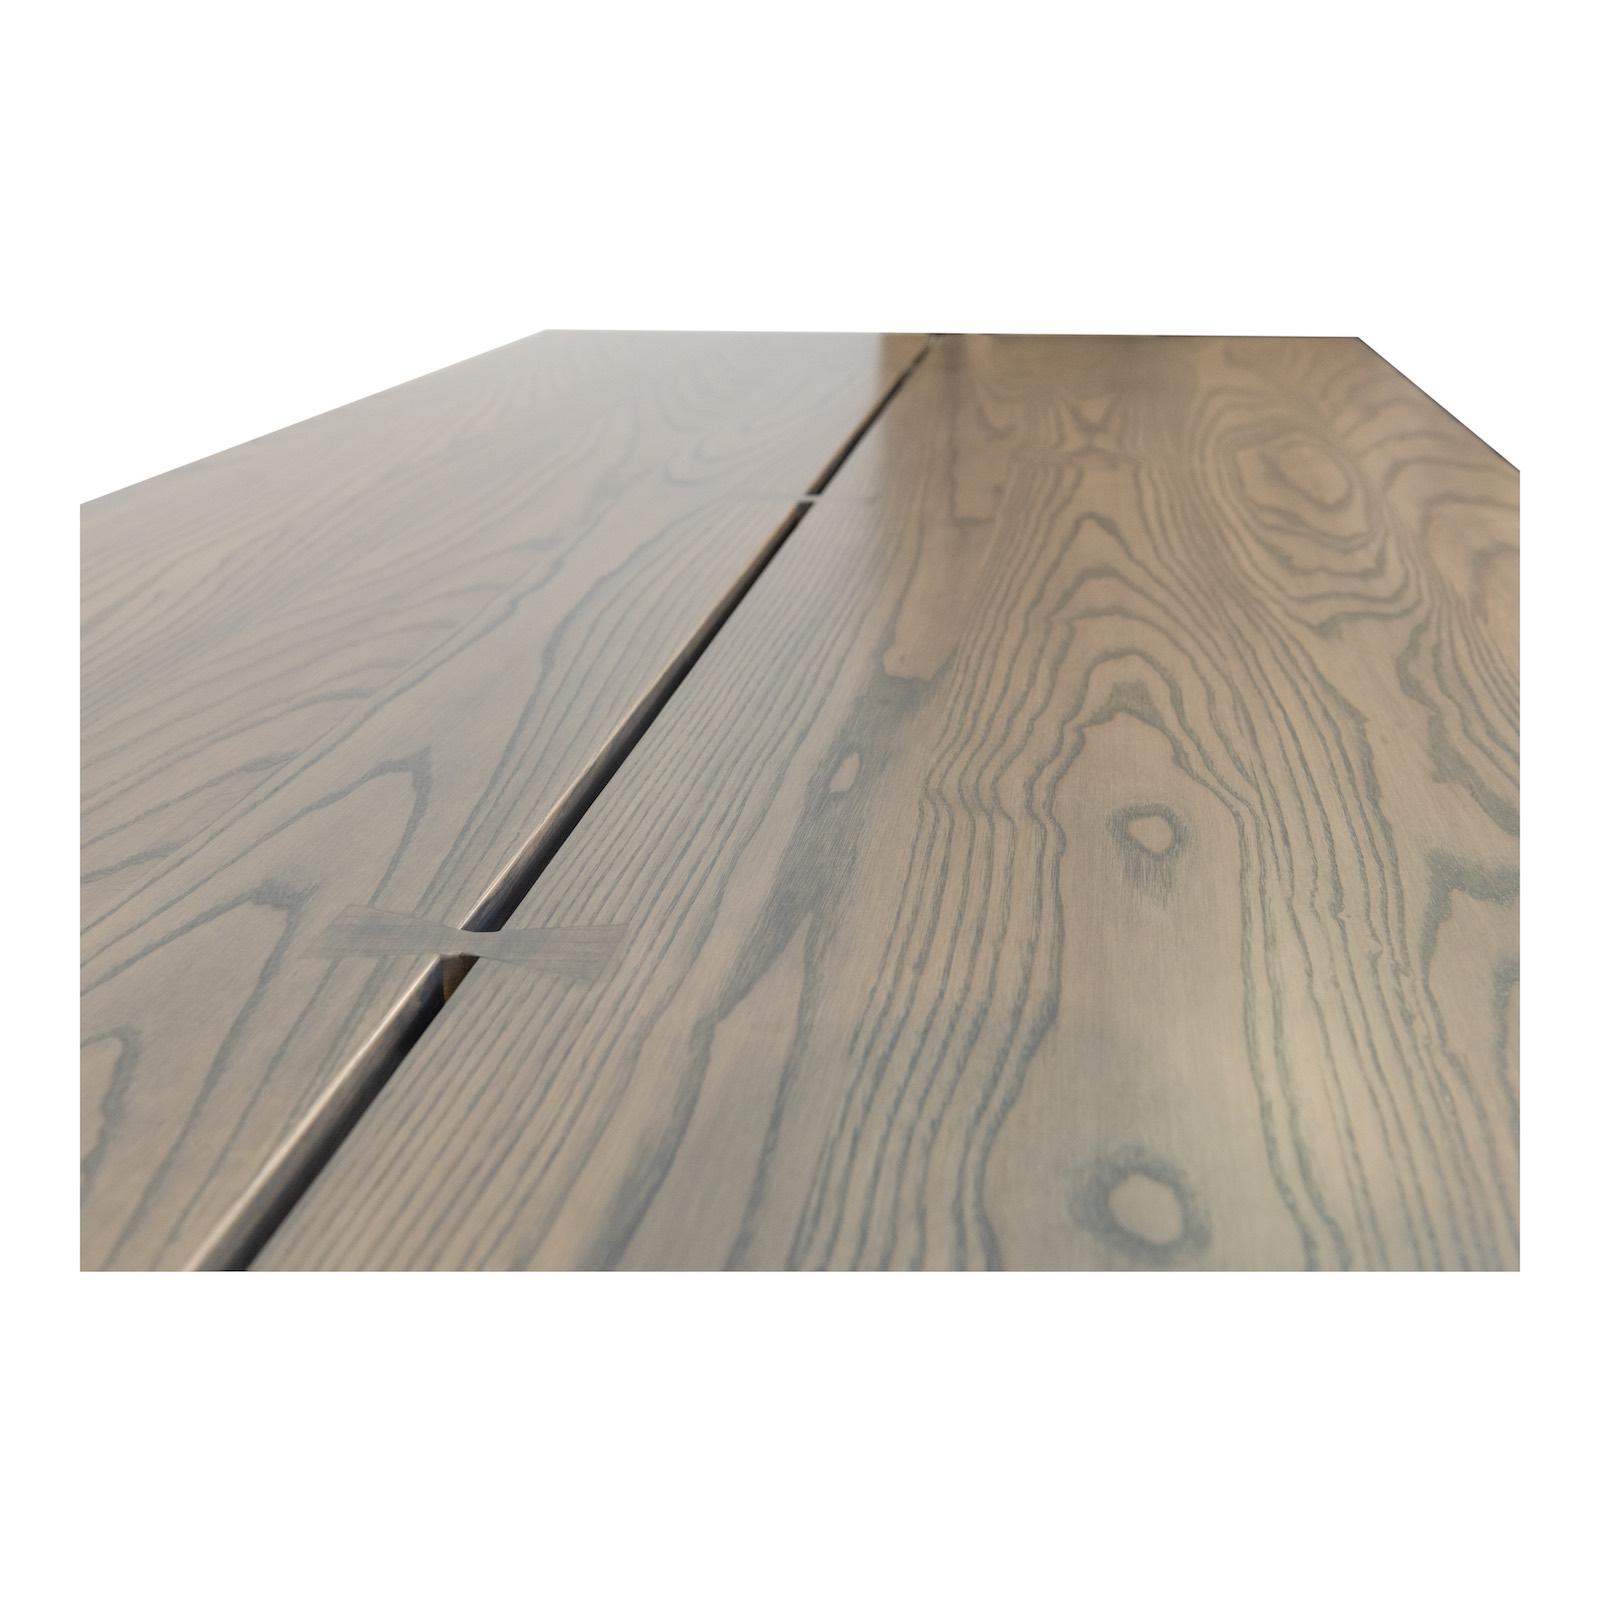 Woodcraft_Furniture_KubricDiningTable-7-1-1.jpg